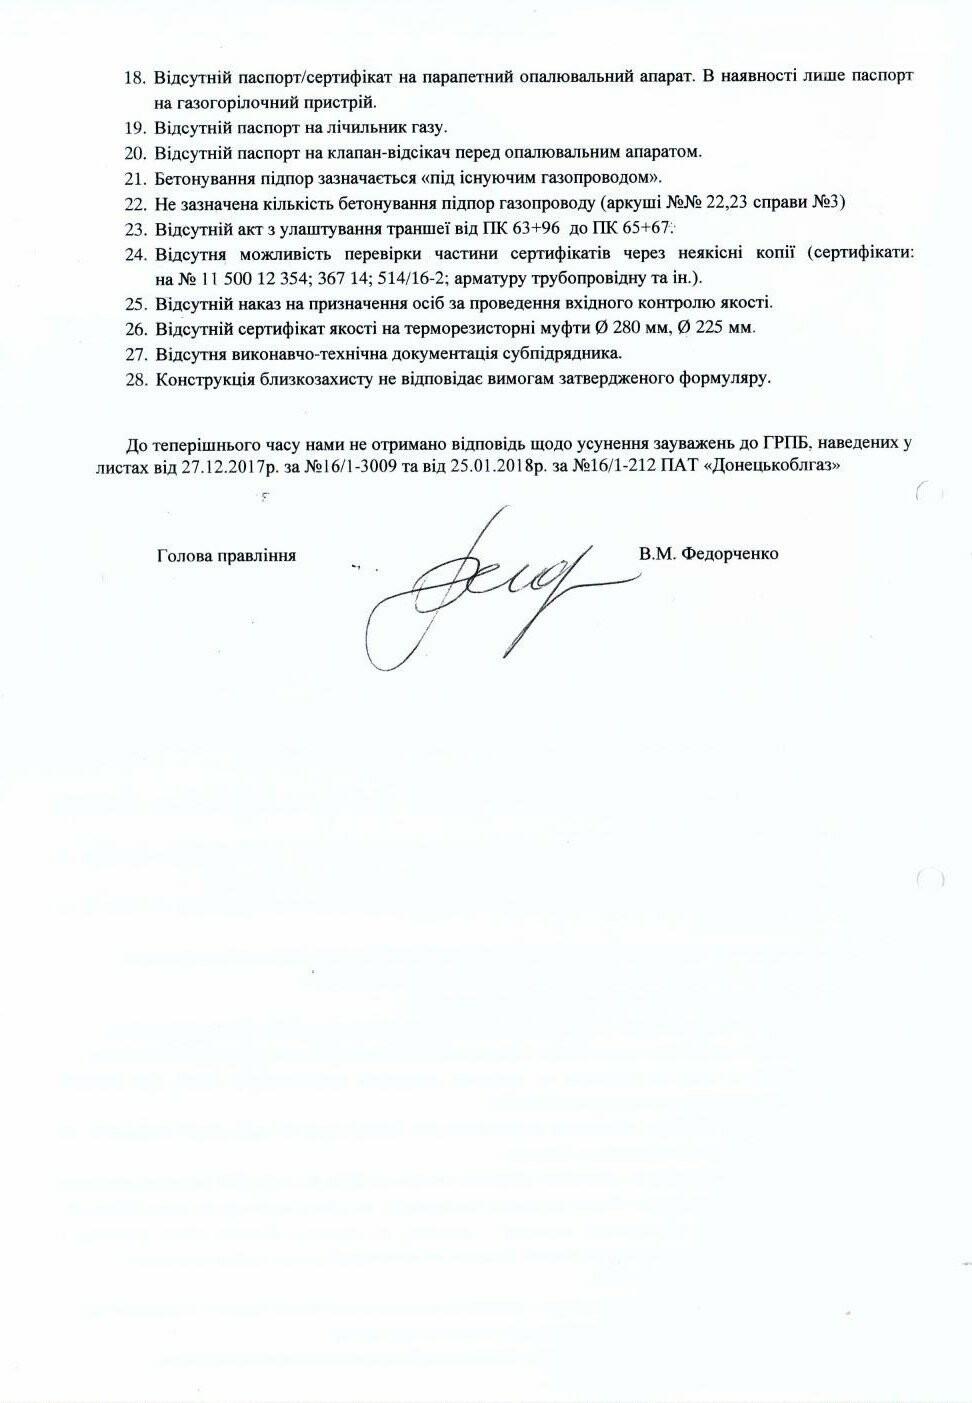 Авдеевский газопровод не прошел испытания, - Донецкоблгаз (ДОКУМЕНТ), фото-1